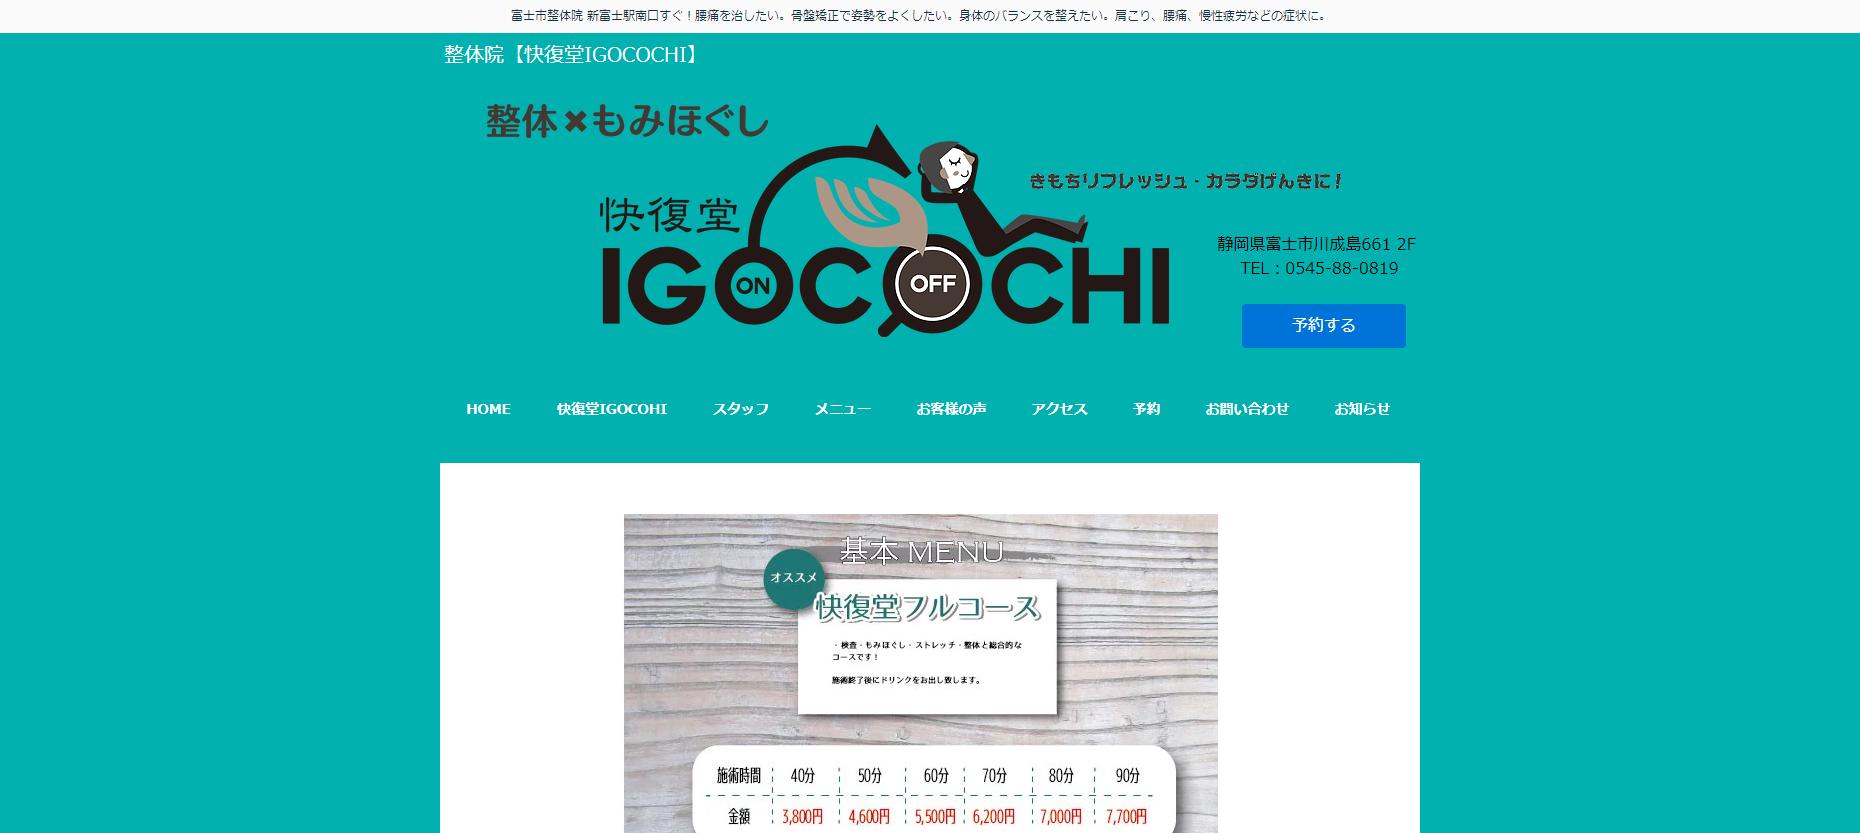 快復堂IGOCOCHIのサムネイル